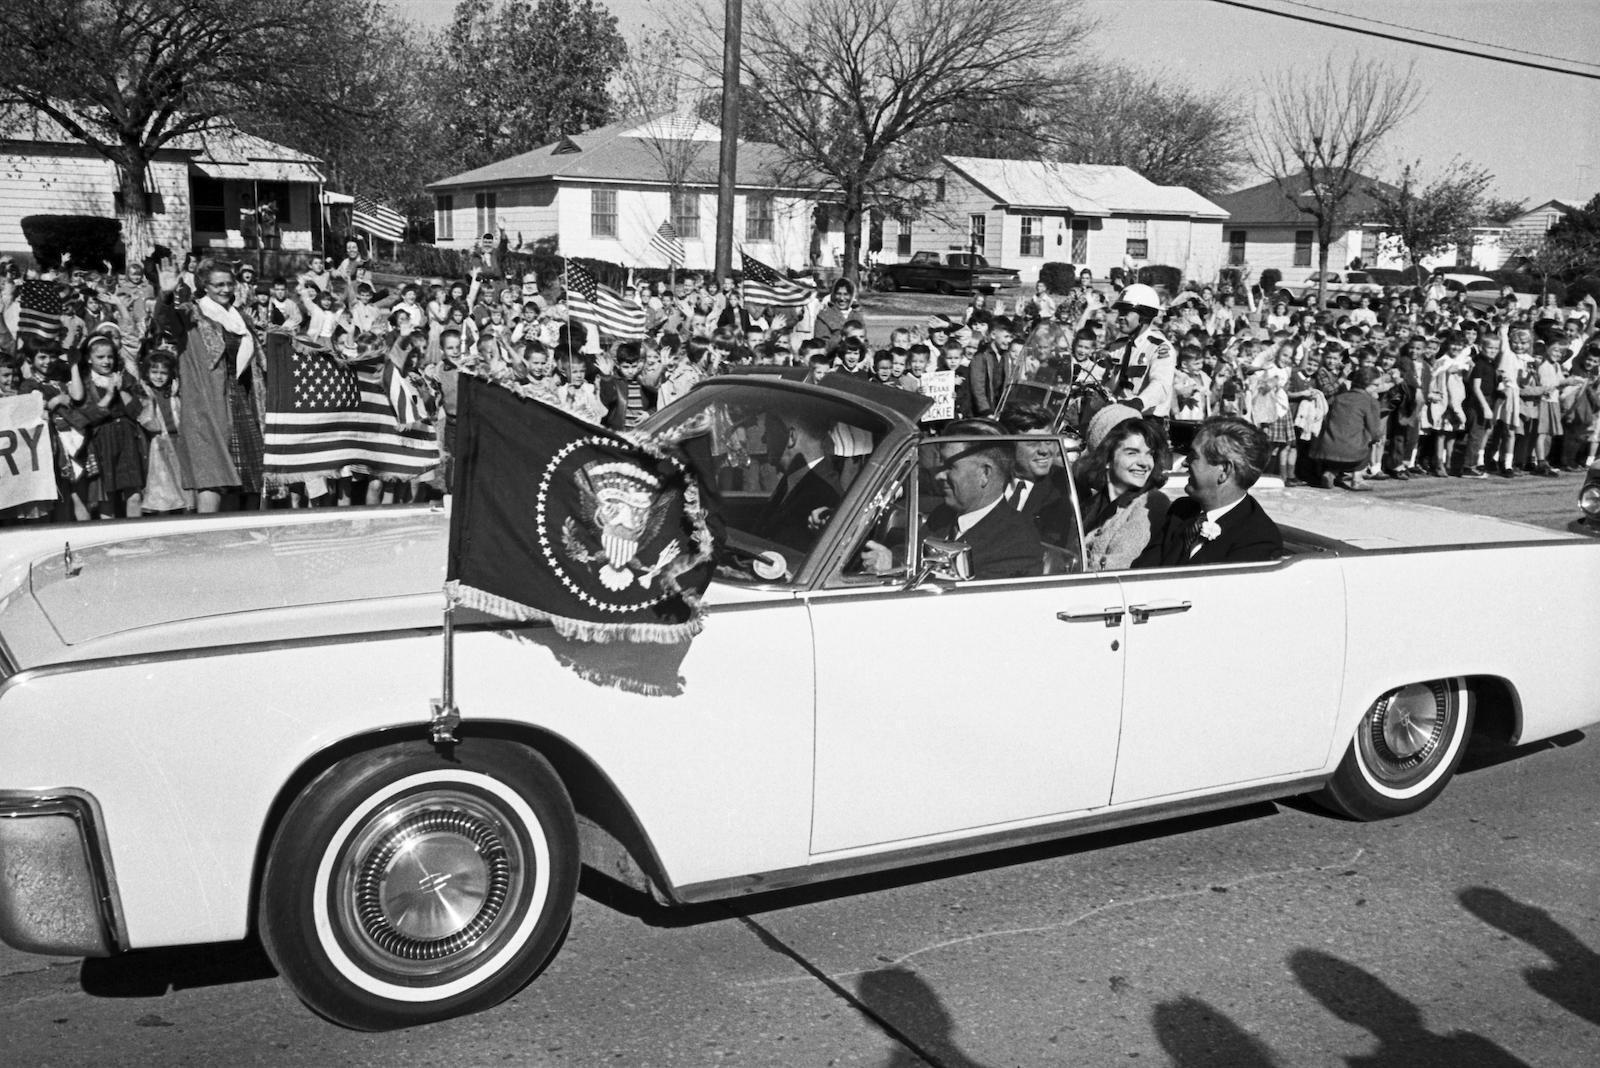 Урочиста зустріч Джона і Жаклін Кеннеді в Техасі 22 листопада 1963 року. Фото: